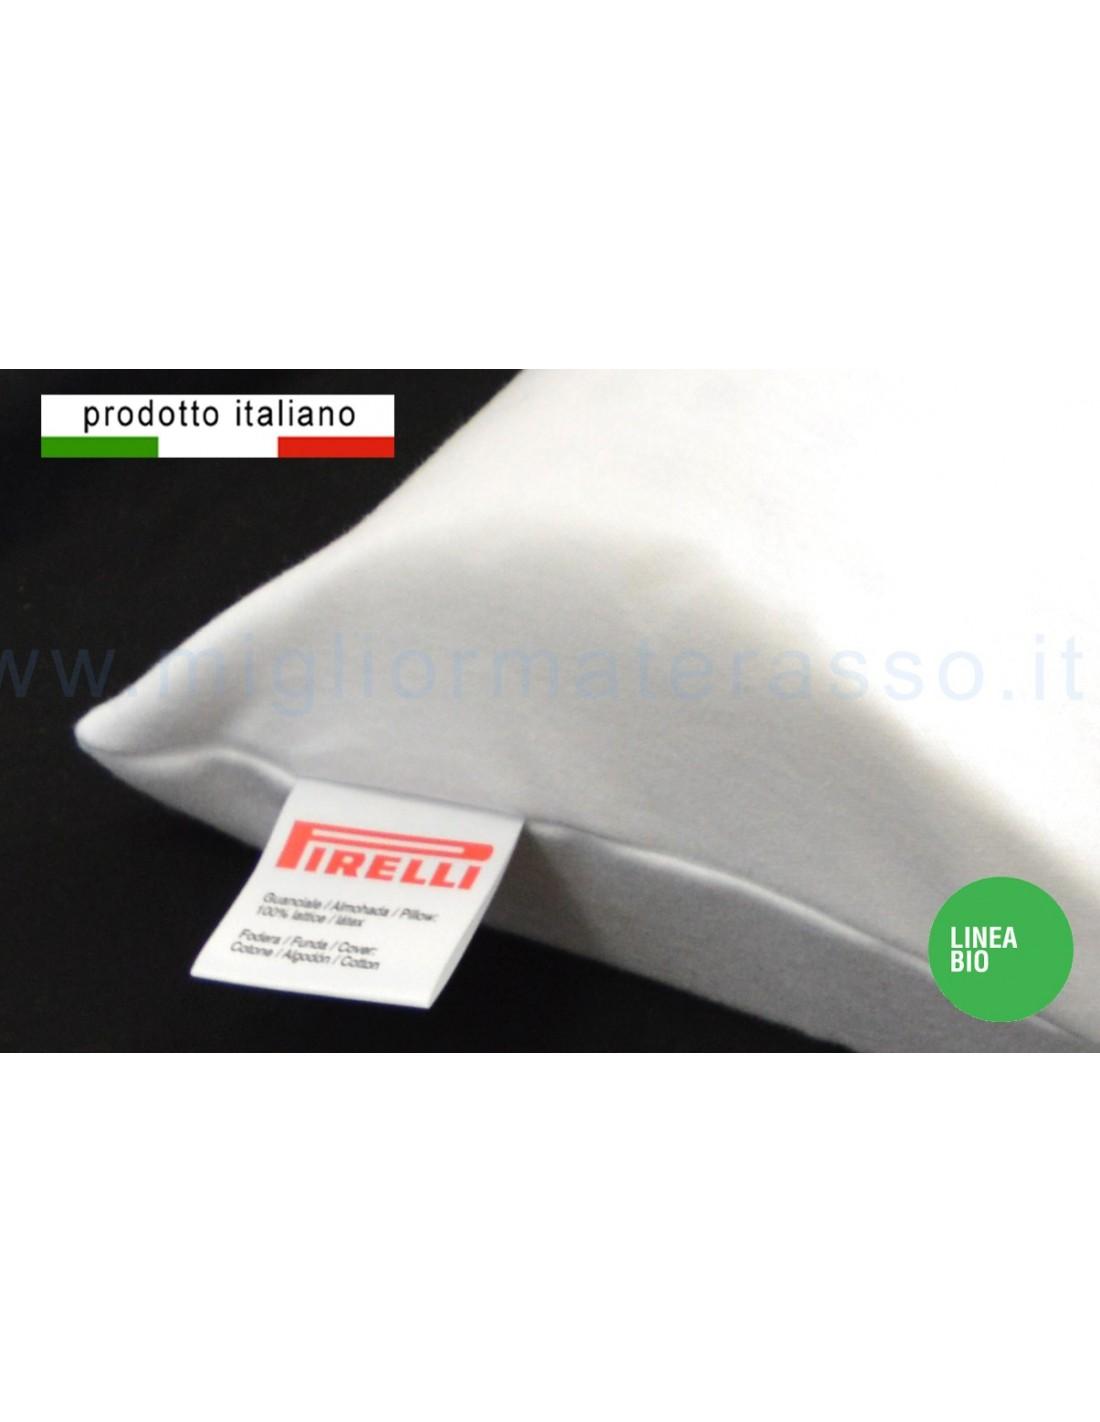 Pirelli Cuscini Lattice.Latex Contour Pillow Pirelli Made In Italy